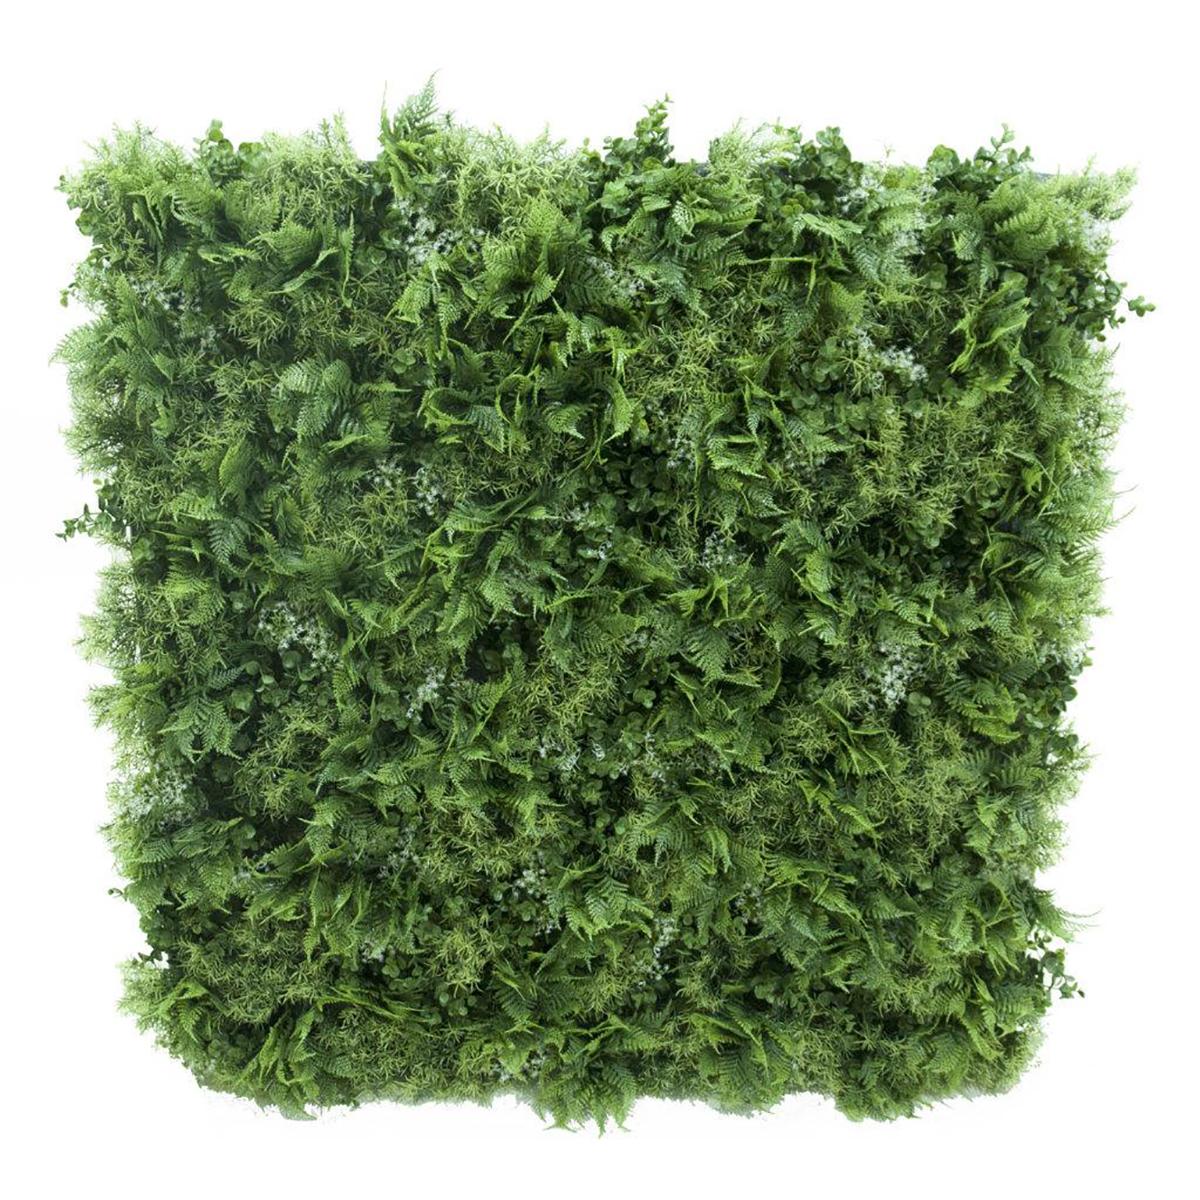 Plantas artificiales de exterior los detalles de sonia momp for Plantas artificiales para exterior